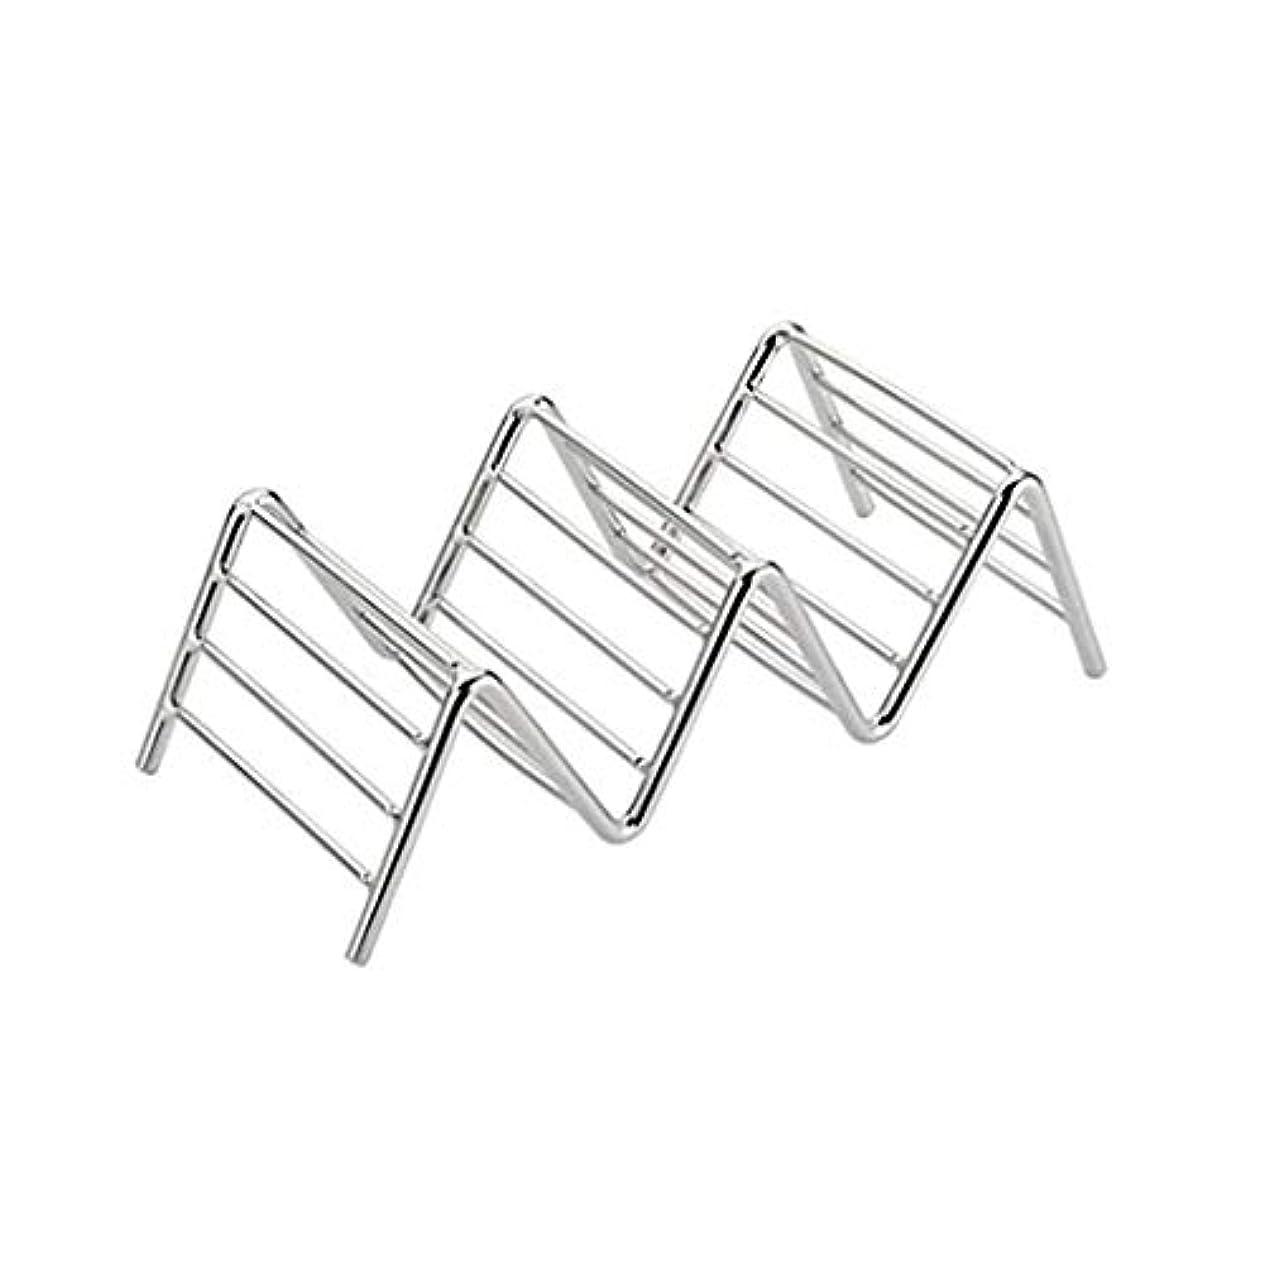 相対サイズ生き物保守可能uzinby パンケーキホルダー パンケーキラック ステンレス鋼製 お手入れ 簡素実用品 四つサイズ 【品質保証】